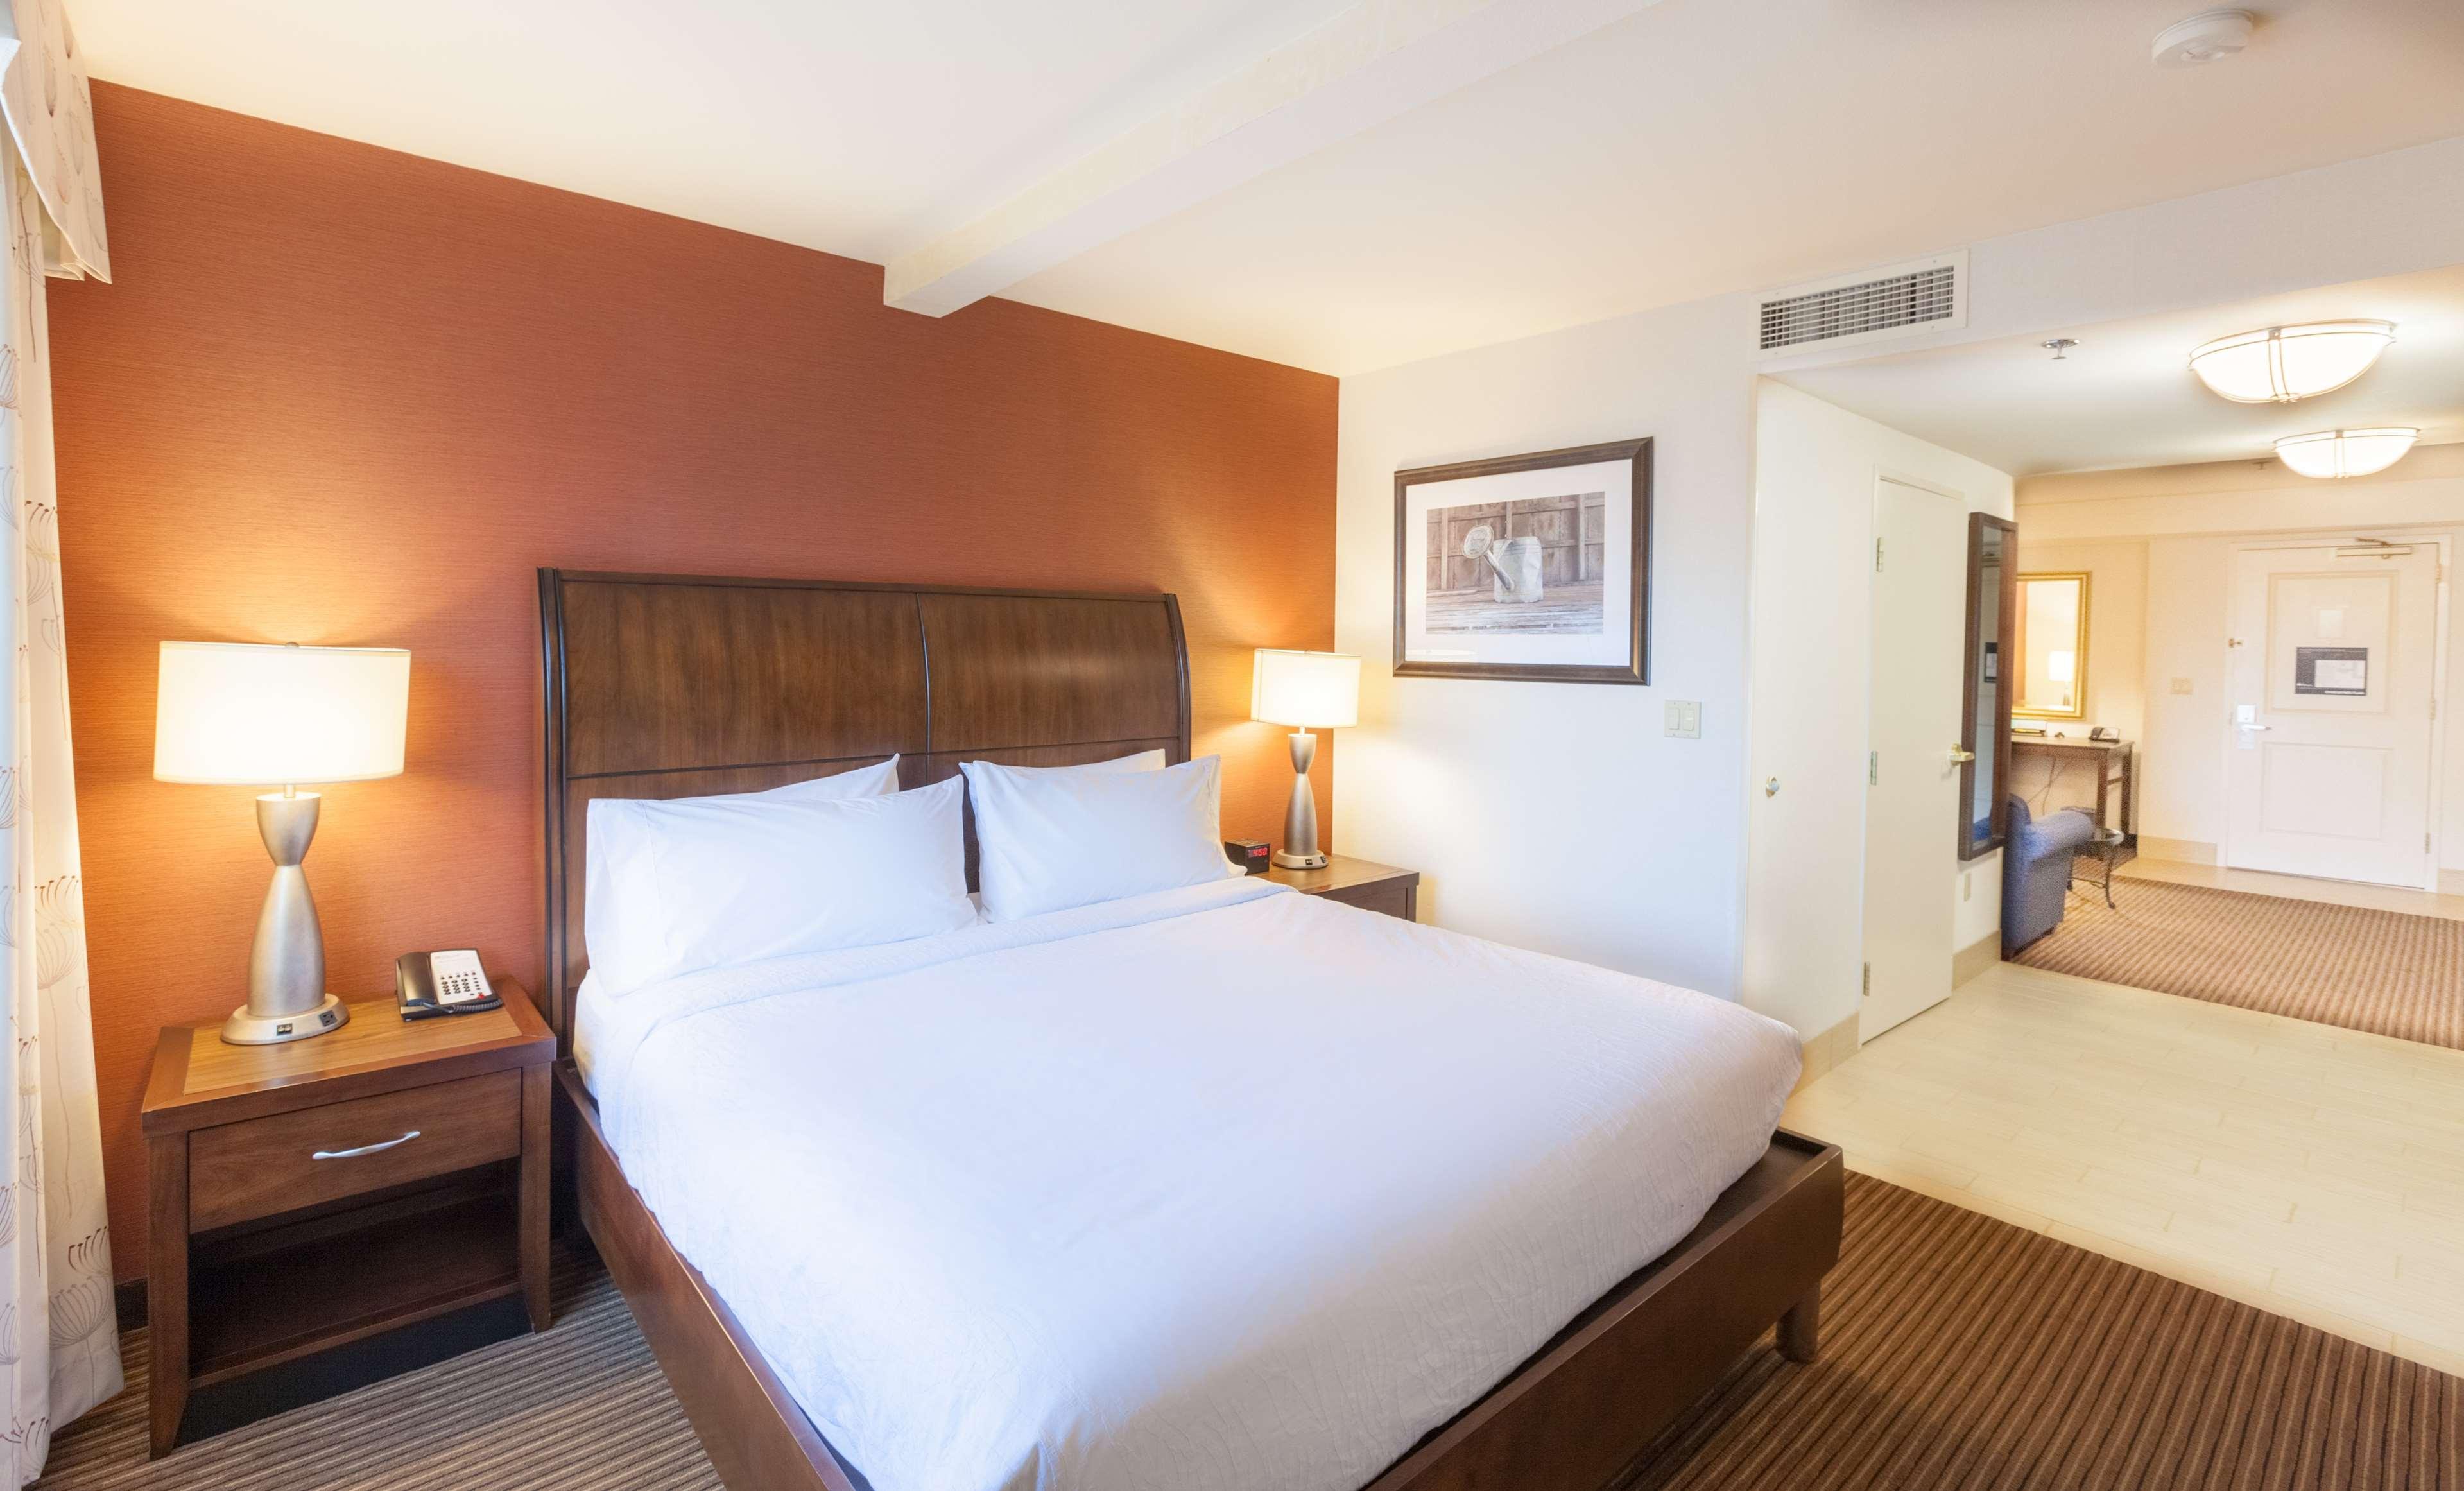 Hilton Garden Inn Palm Springs/Rancho Mirage image 26